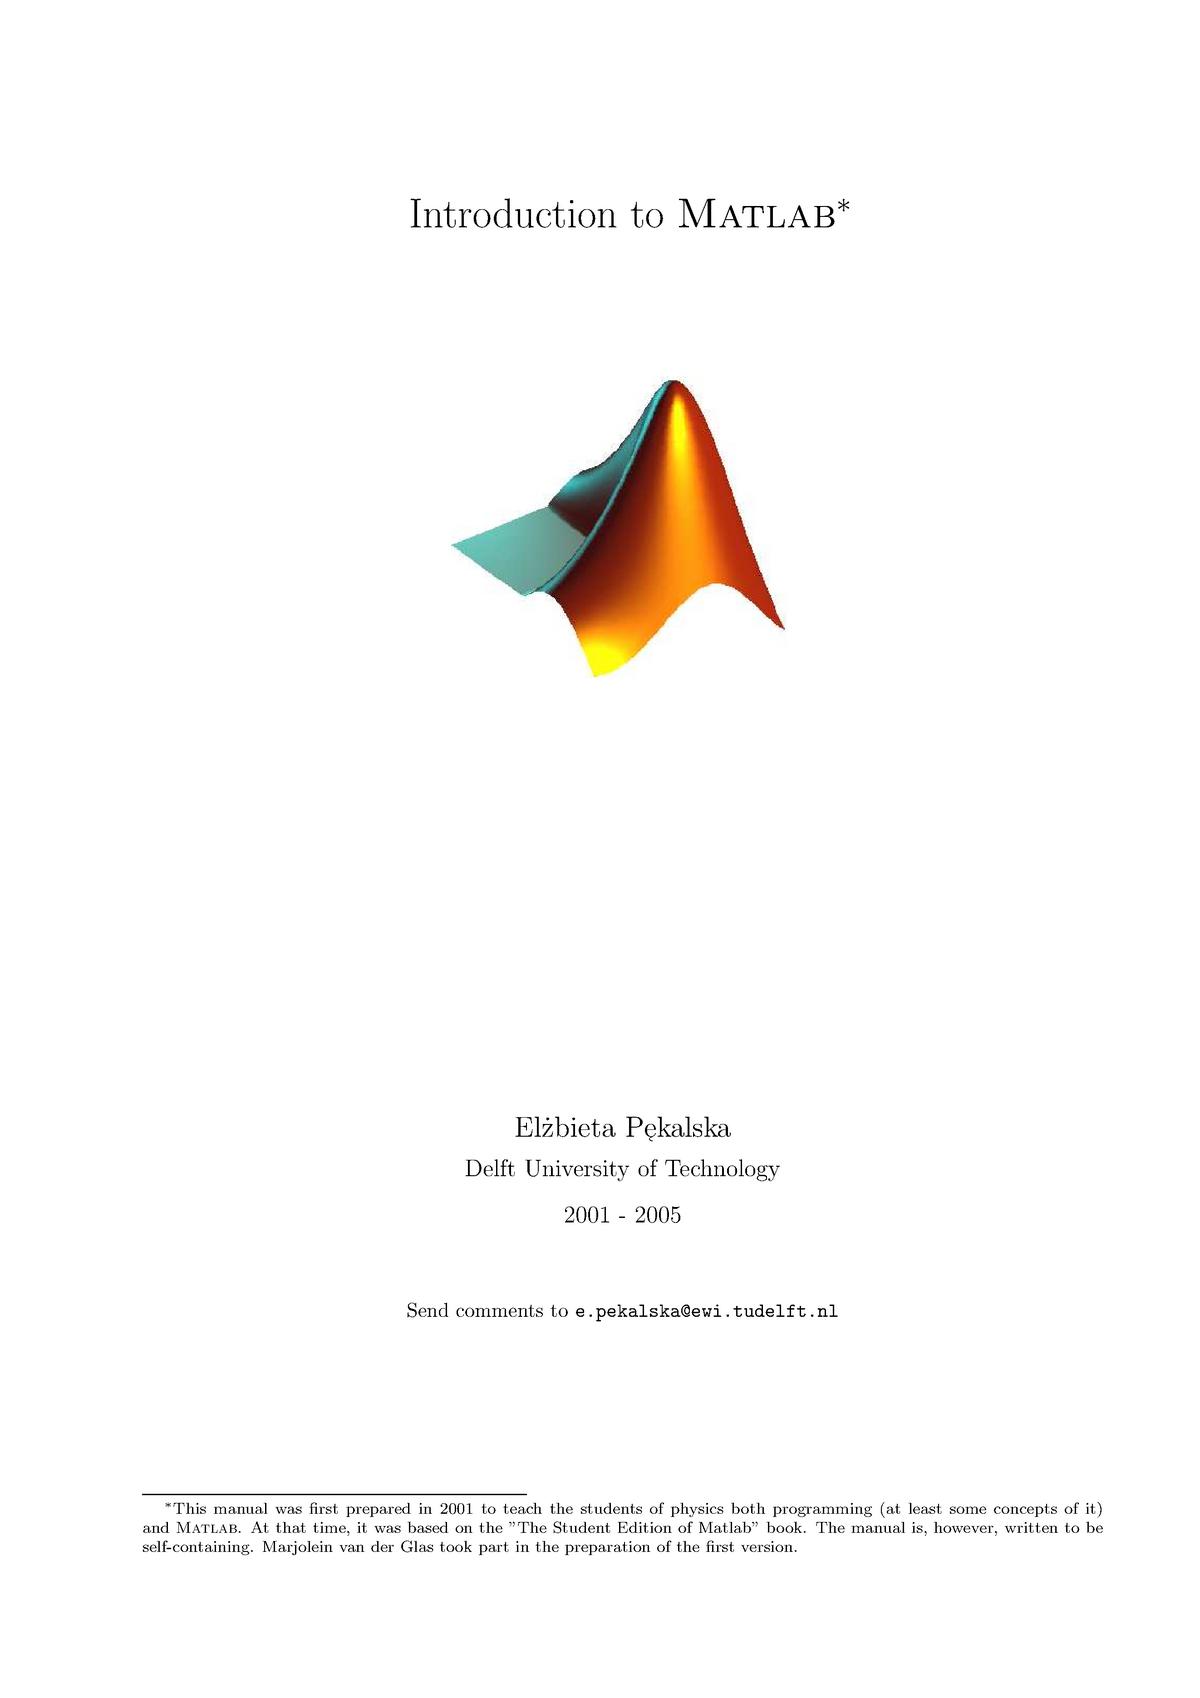 Matlab instruction for the beginner - WB2230-15: Systeem en